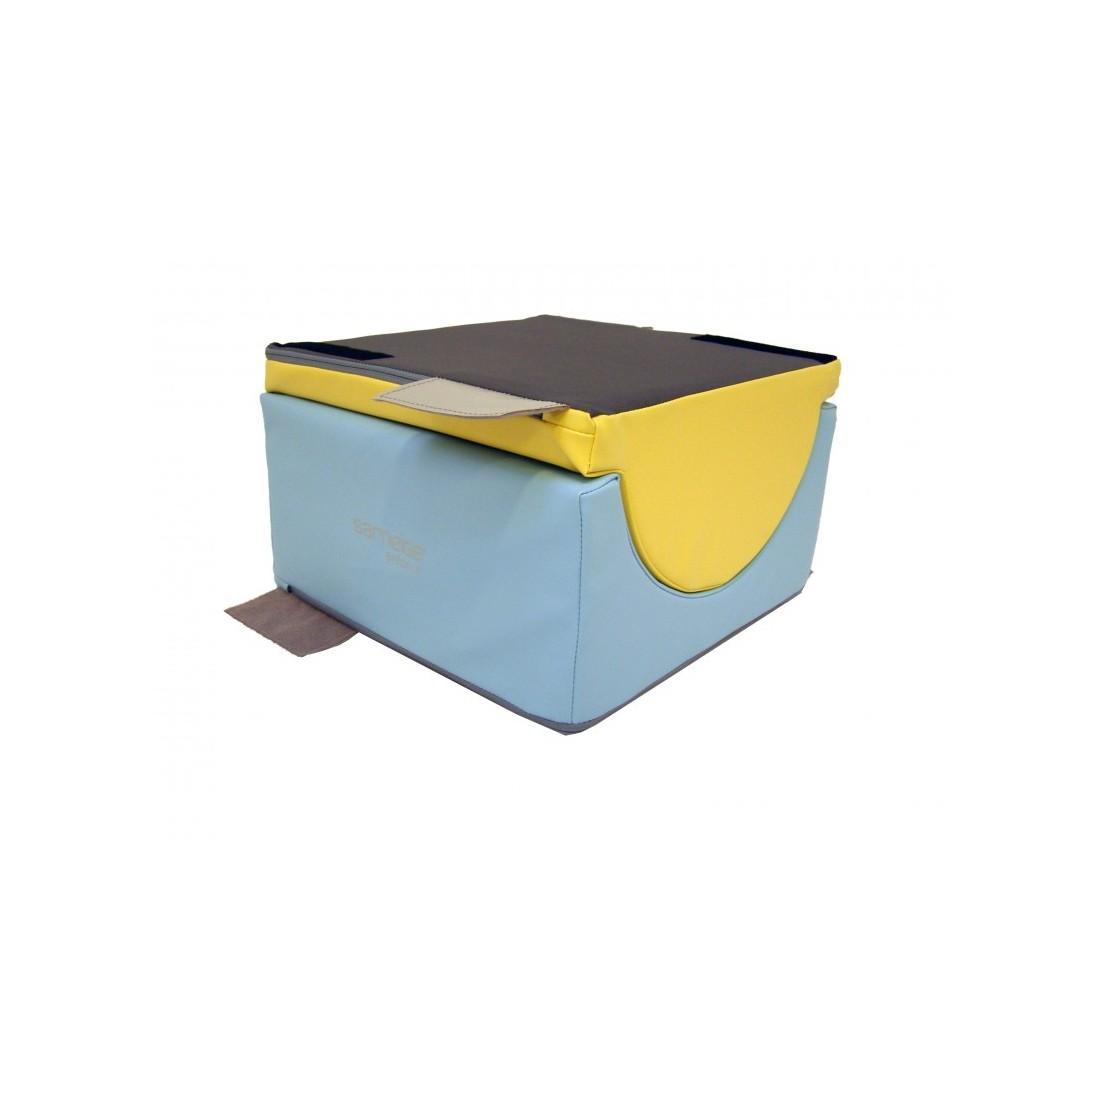 Module boîte à vagues Sarneige. Boîte à vagues de motricité Sarneige à acheter pas cher.